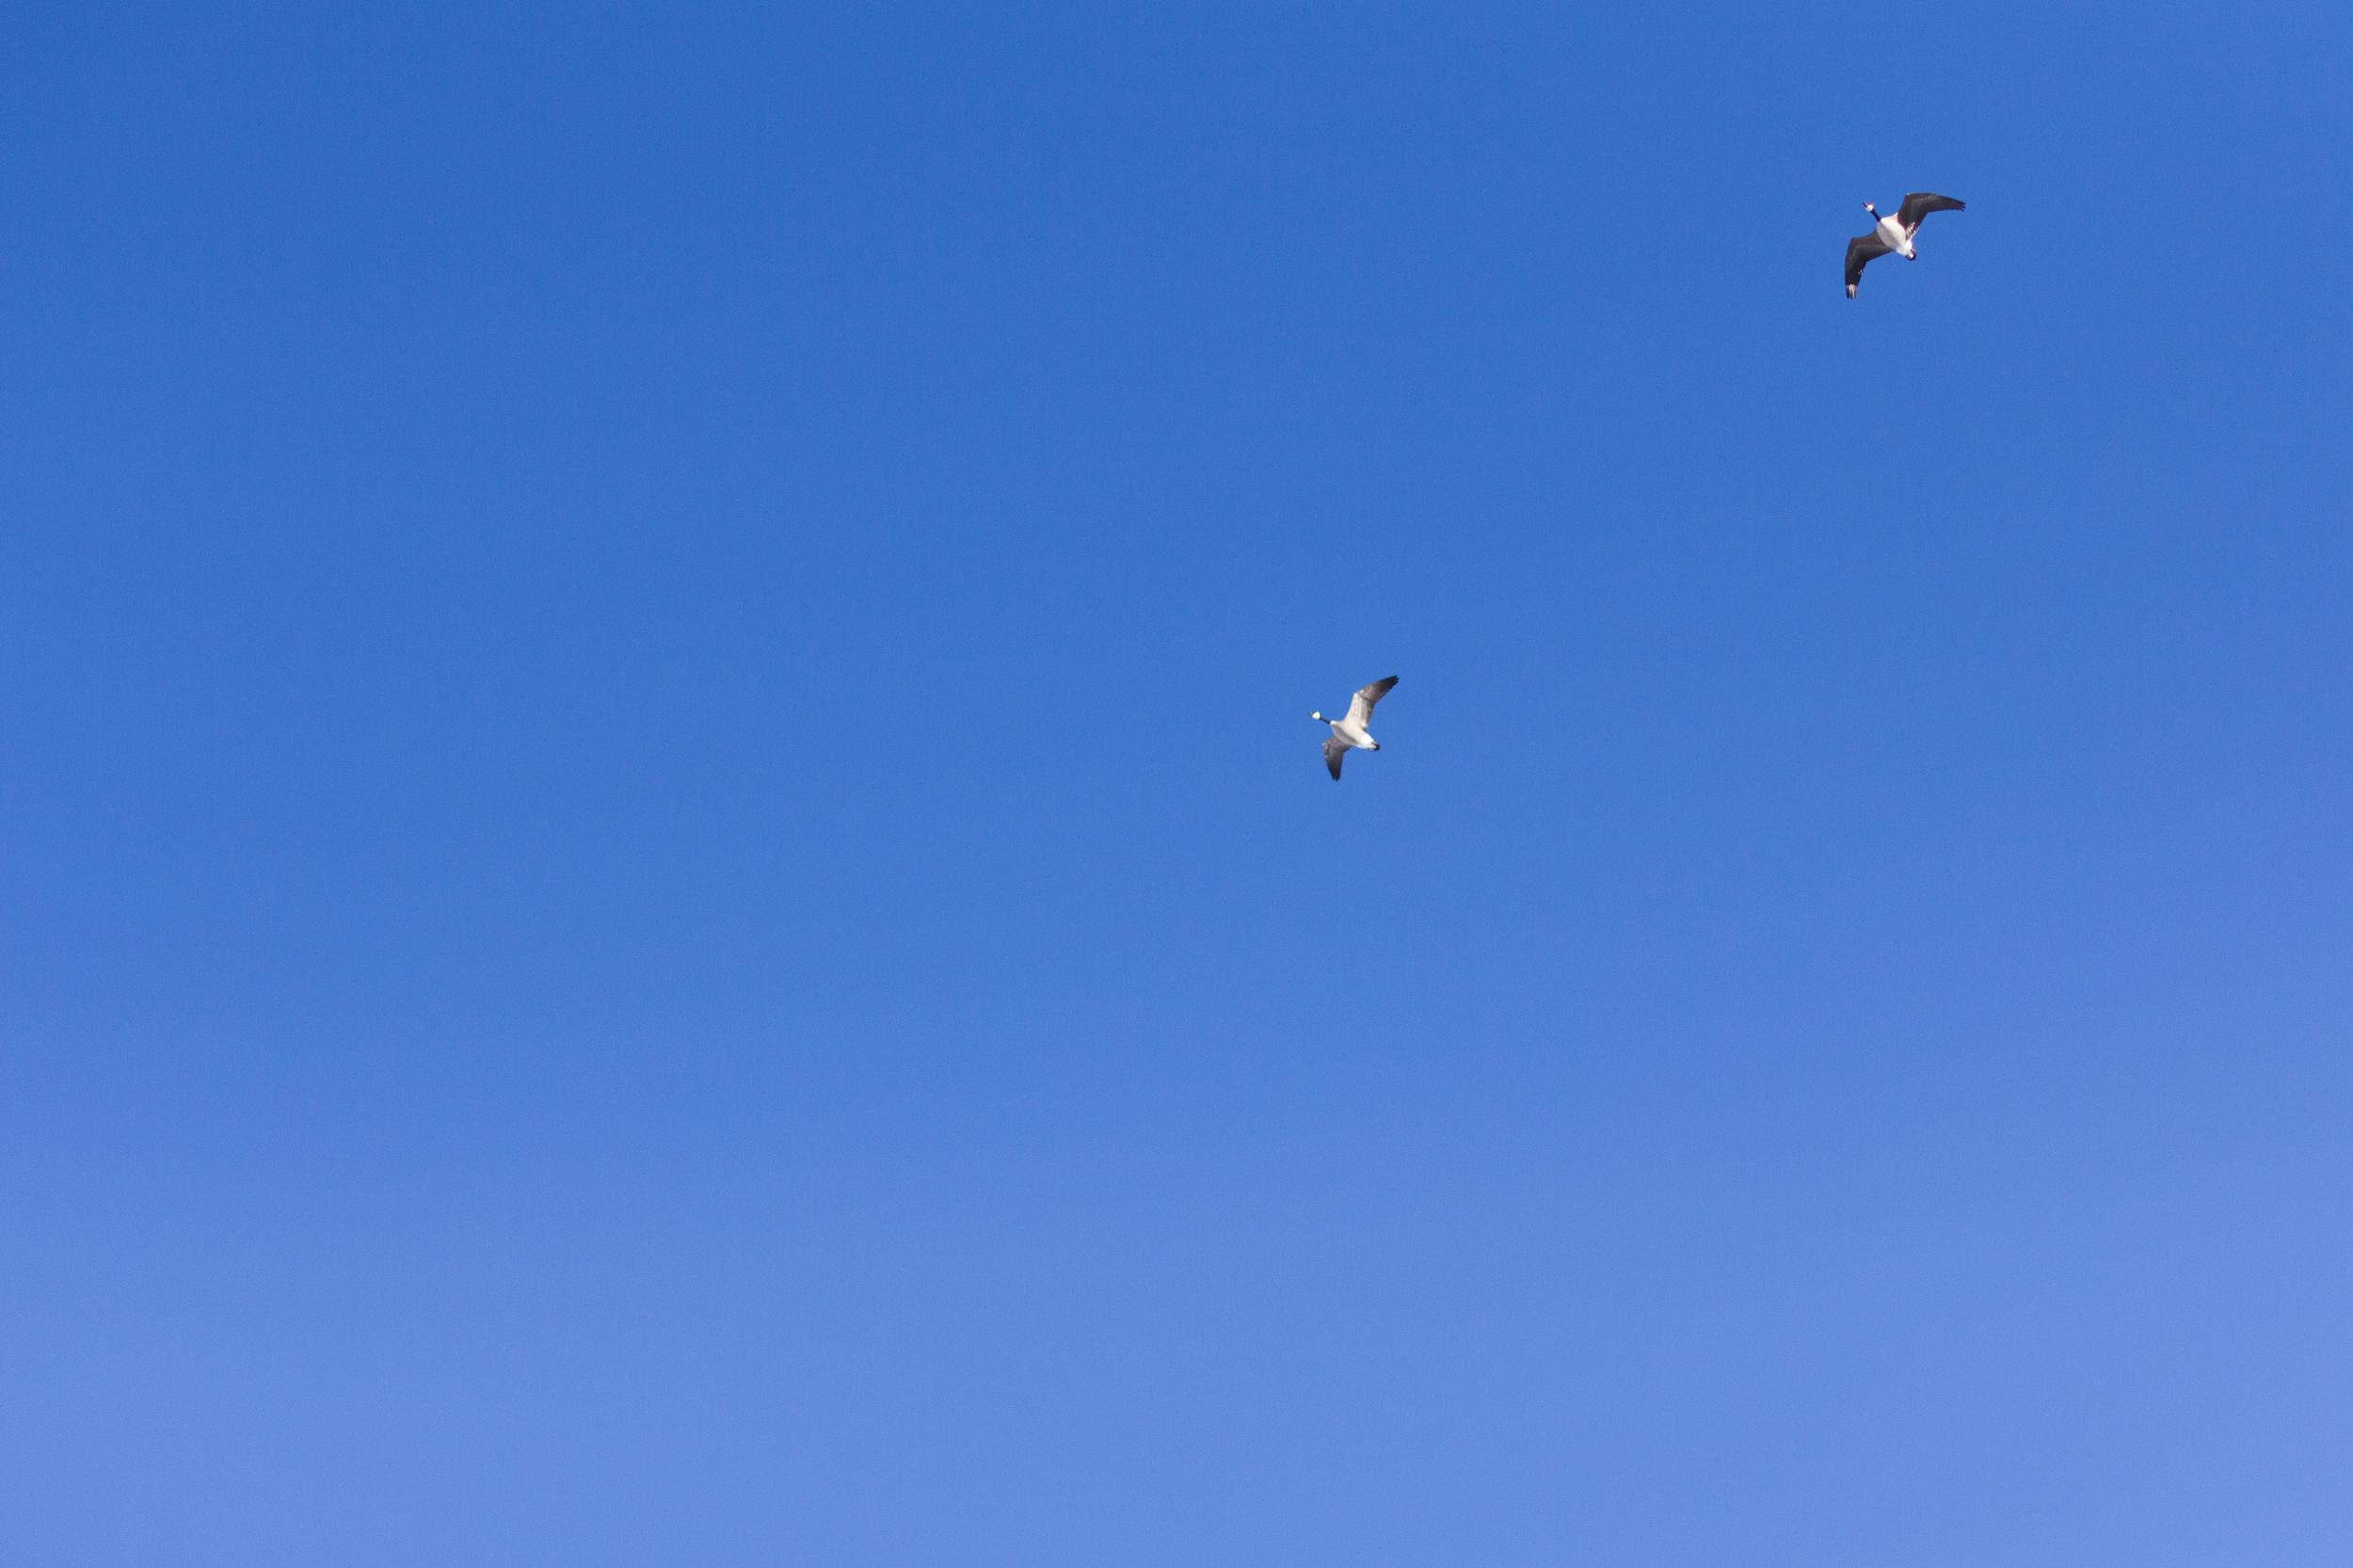 birds flying in clear Colorado skies